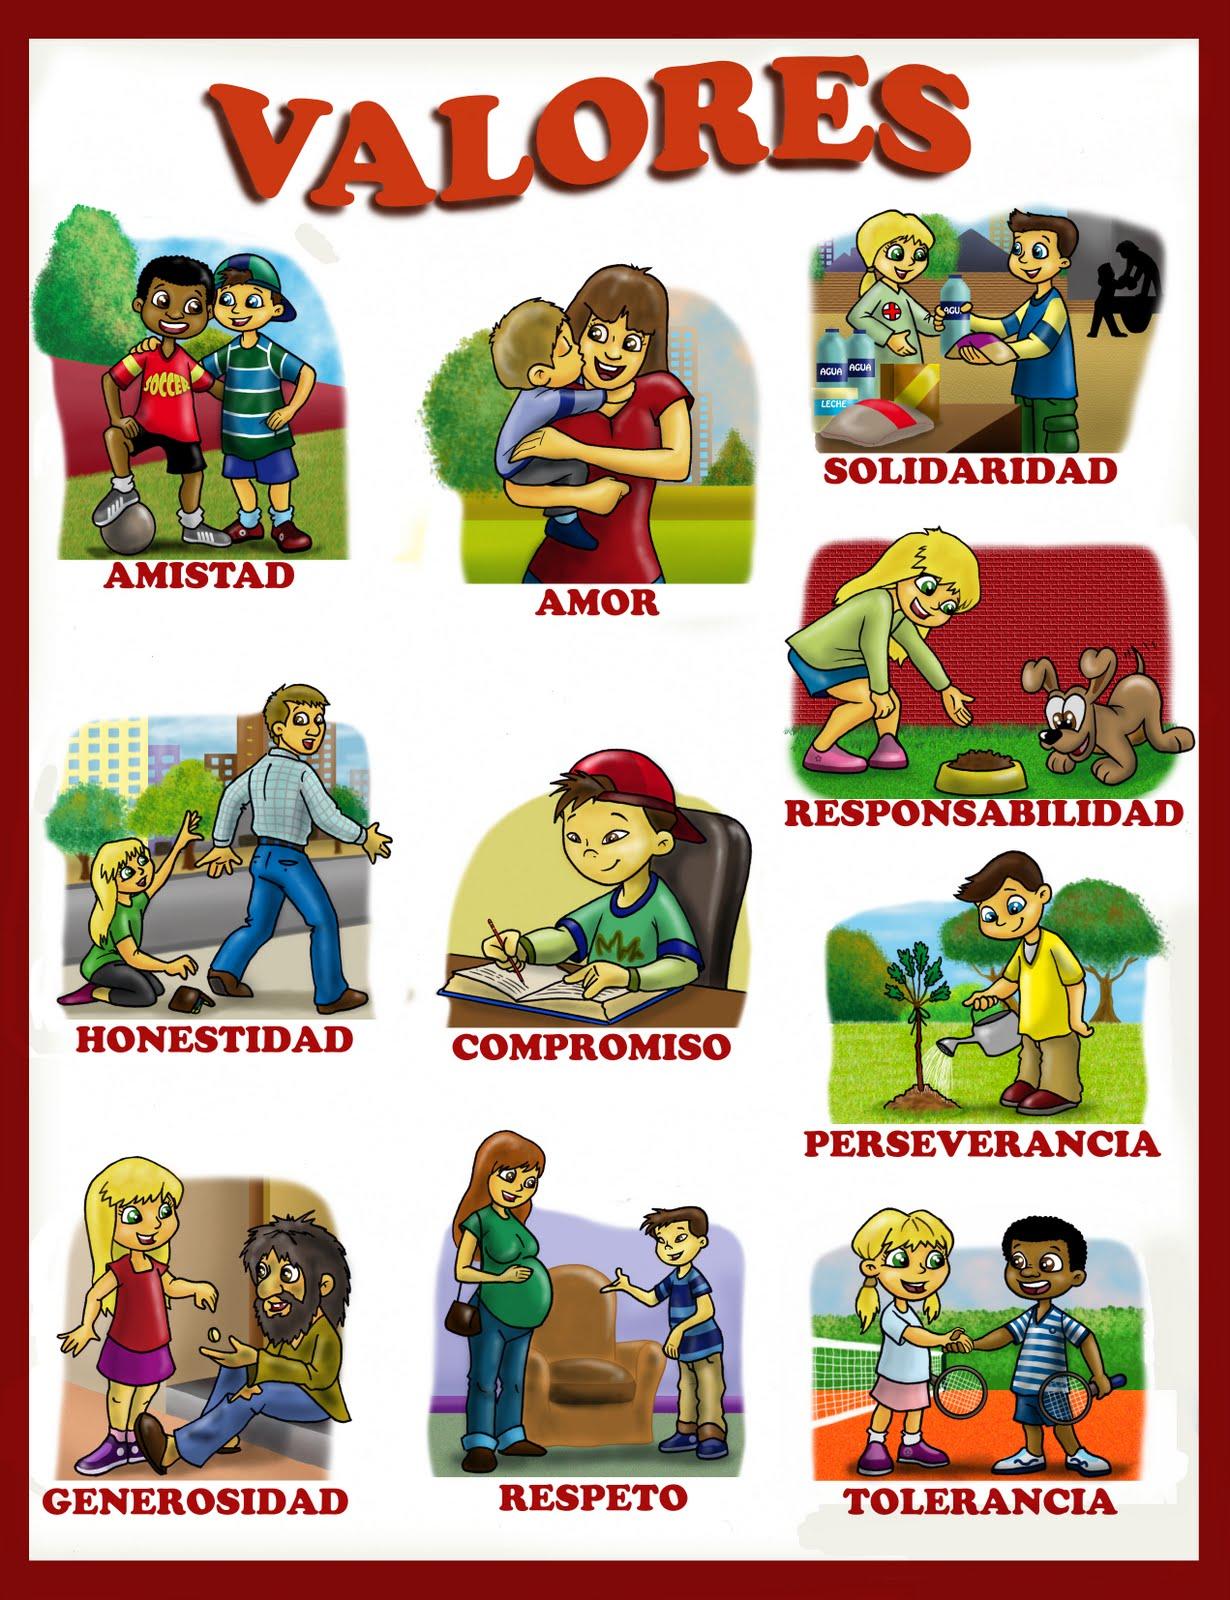 Imagenes De Los Valor ES